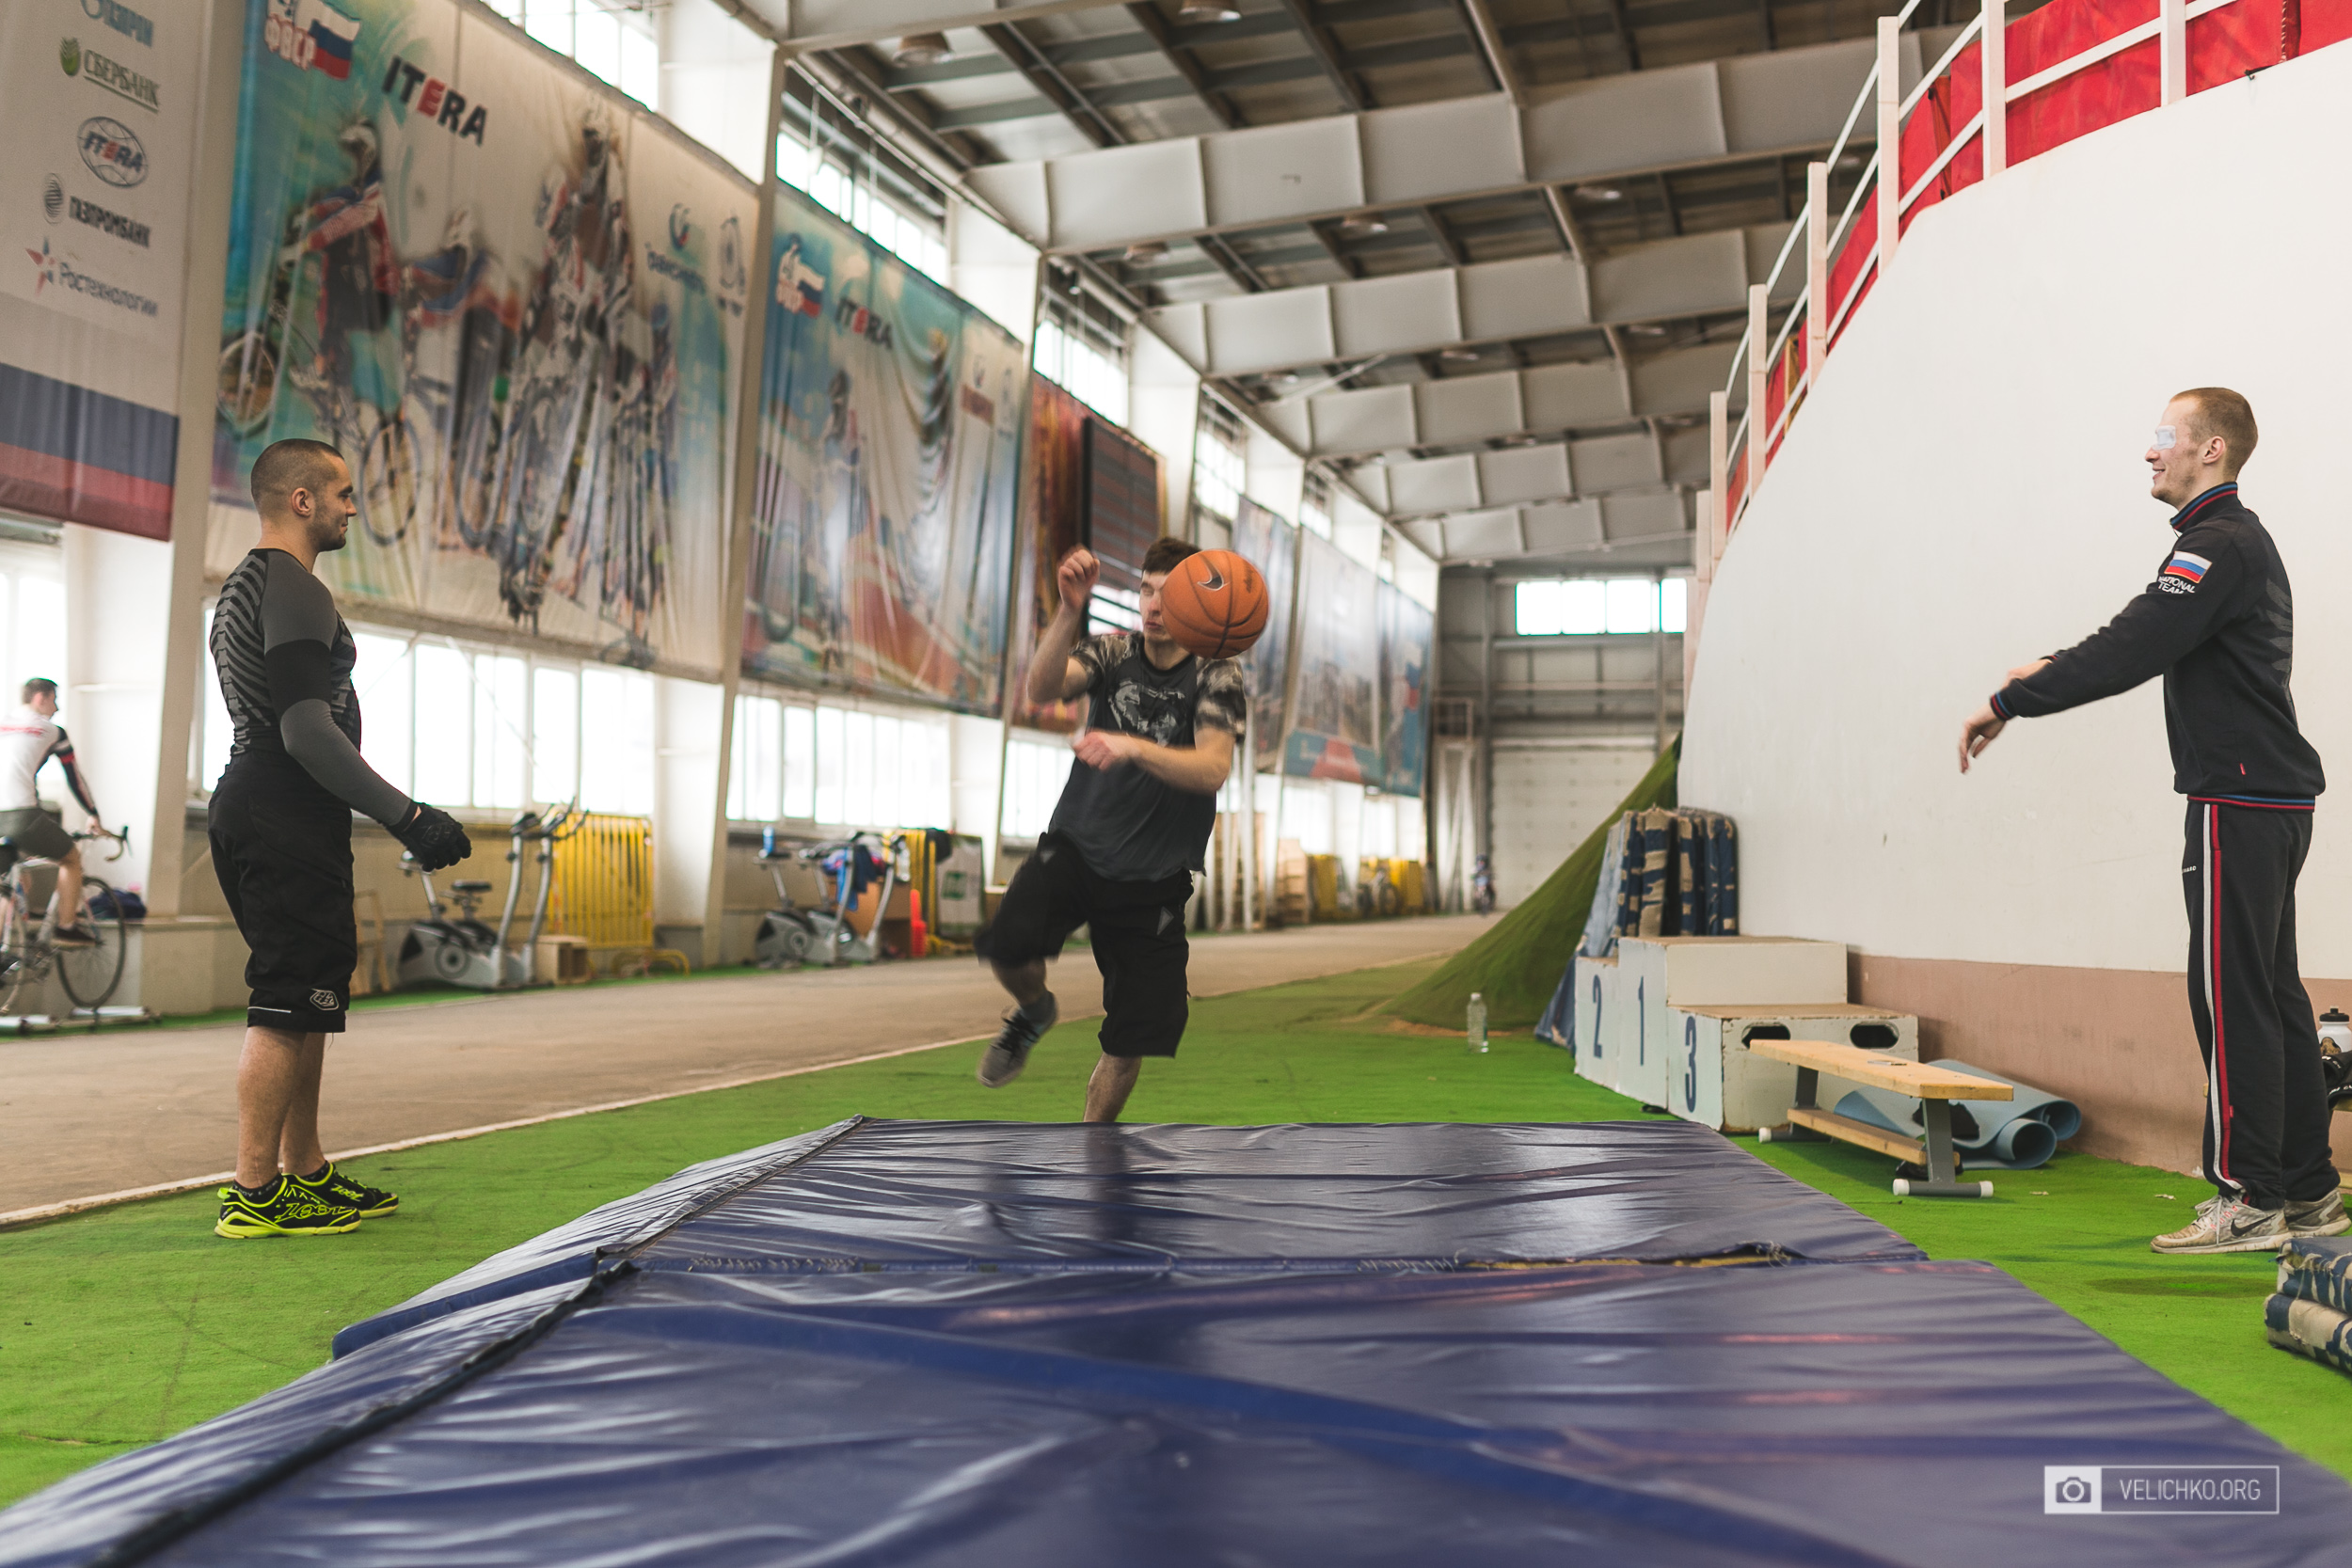 Тренировки: Спортивные МТБ-сборы в Саранске - день 3